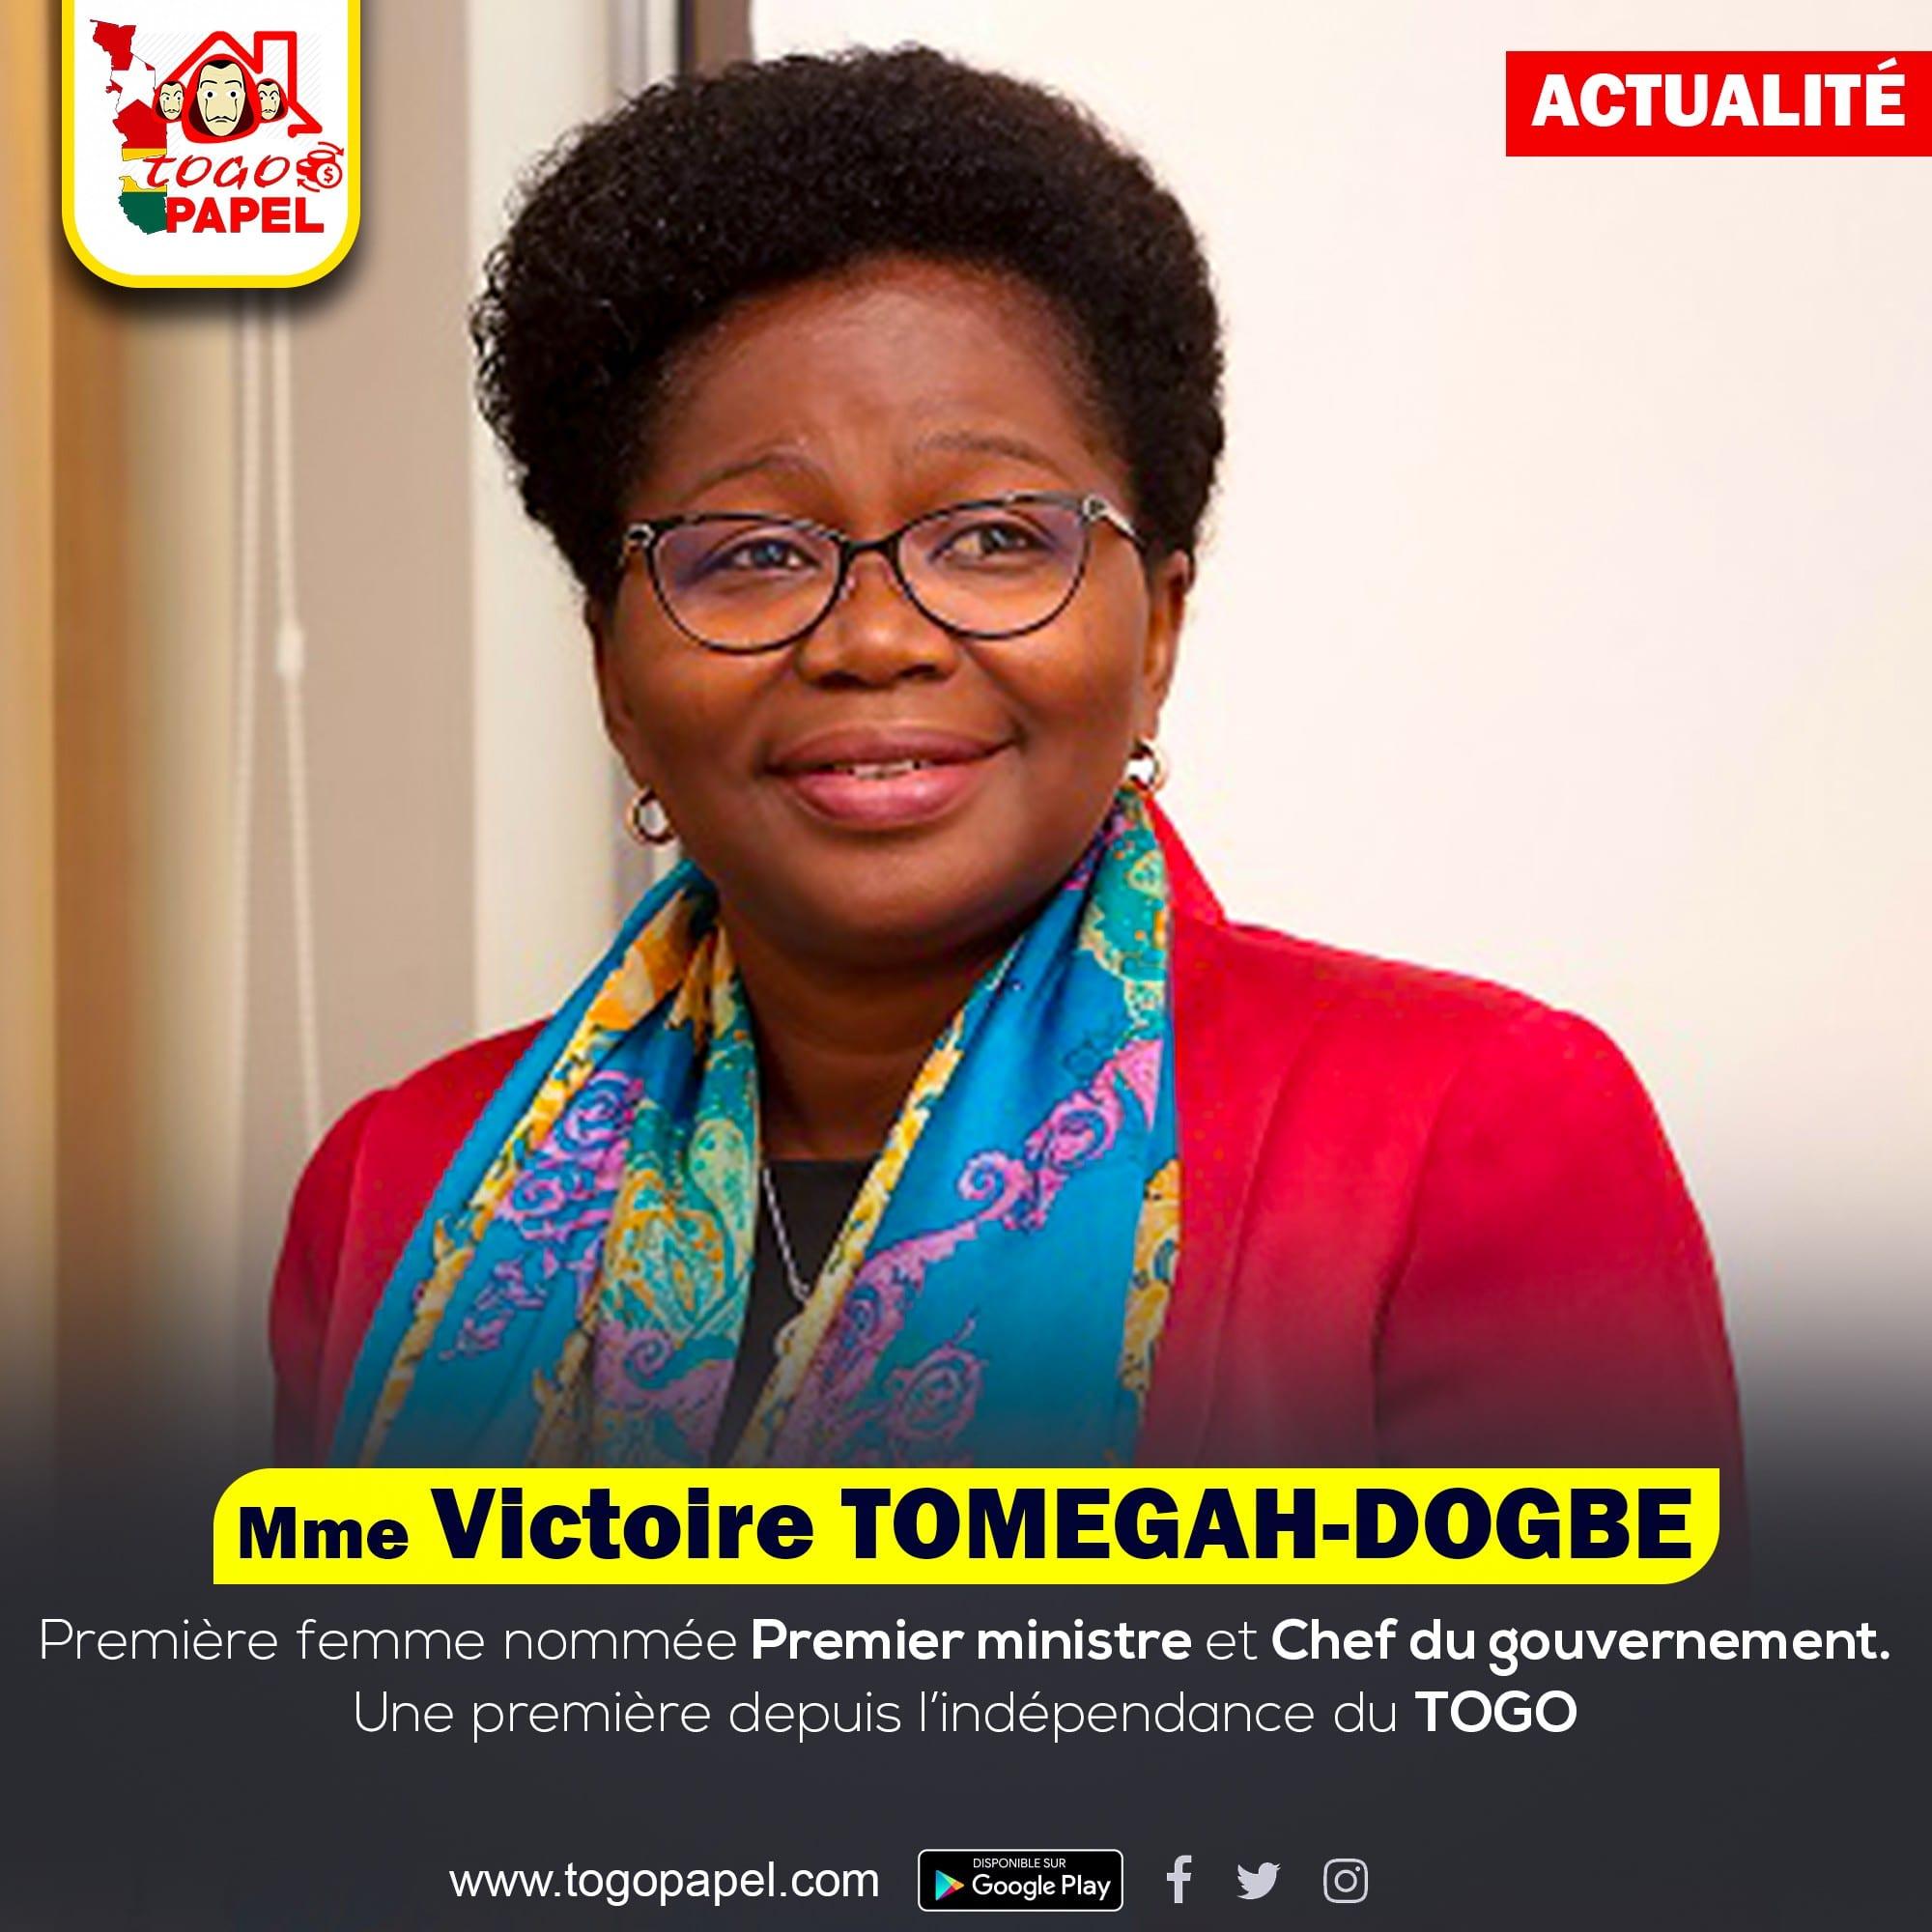 Qui est en réalité Victoire Sidémého Dzidudu TOMEGAH-DOGBE – Biographie 2020